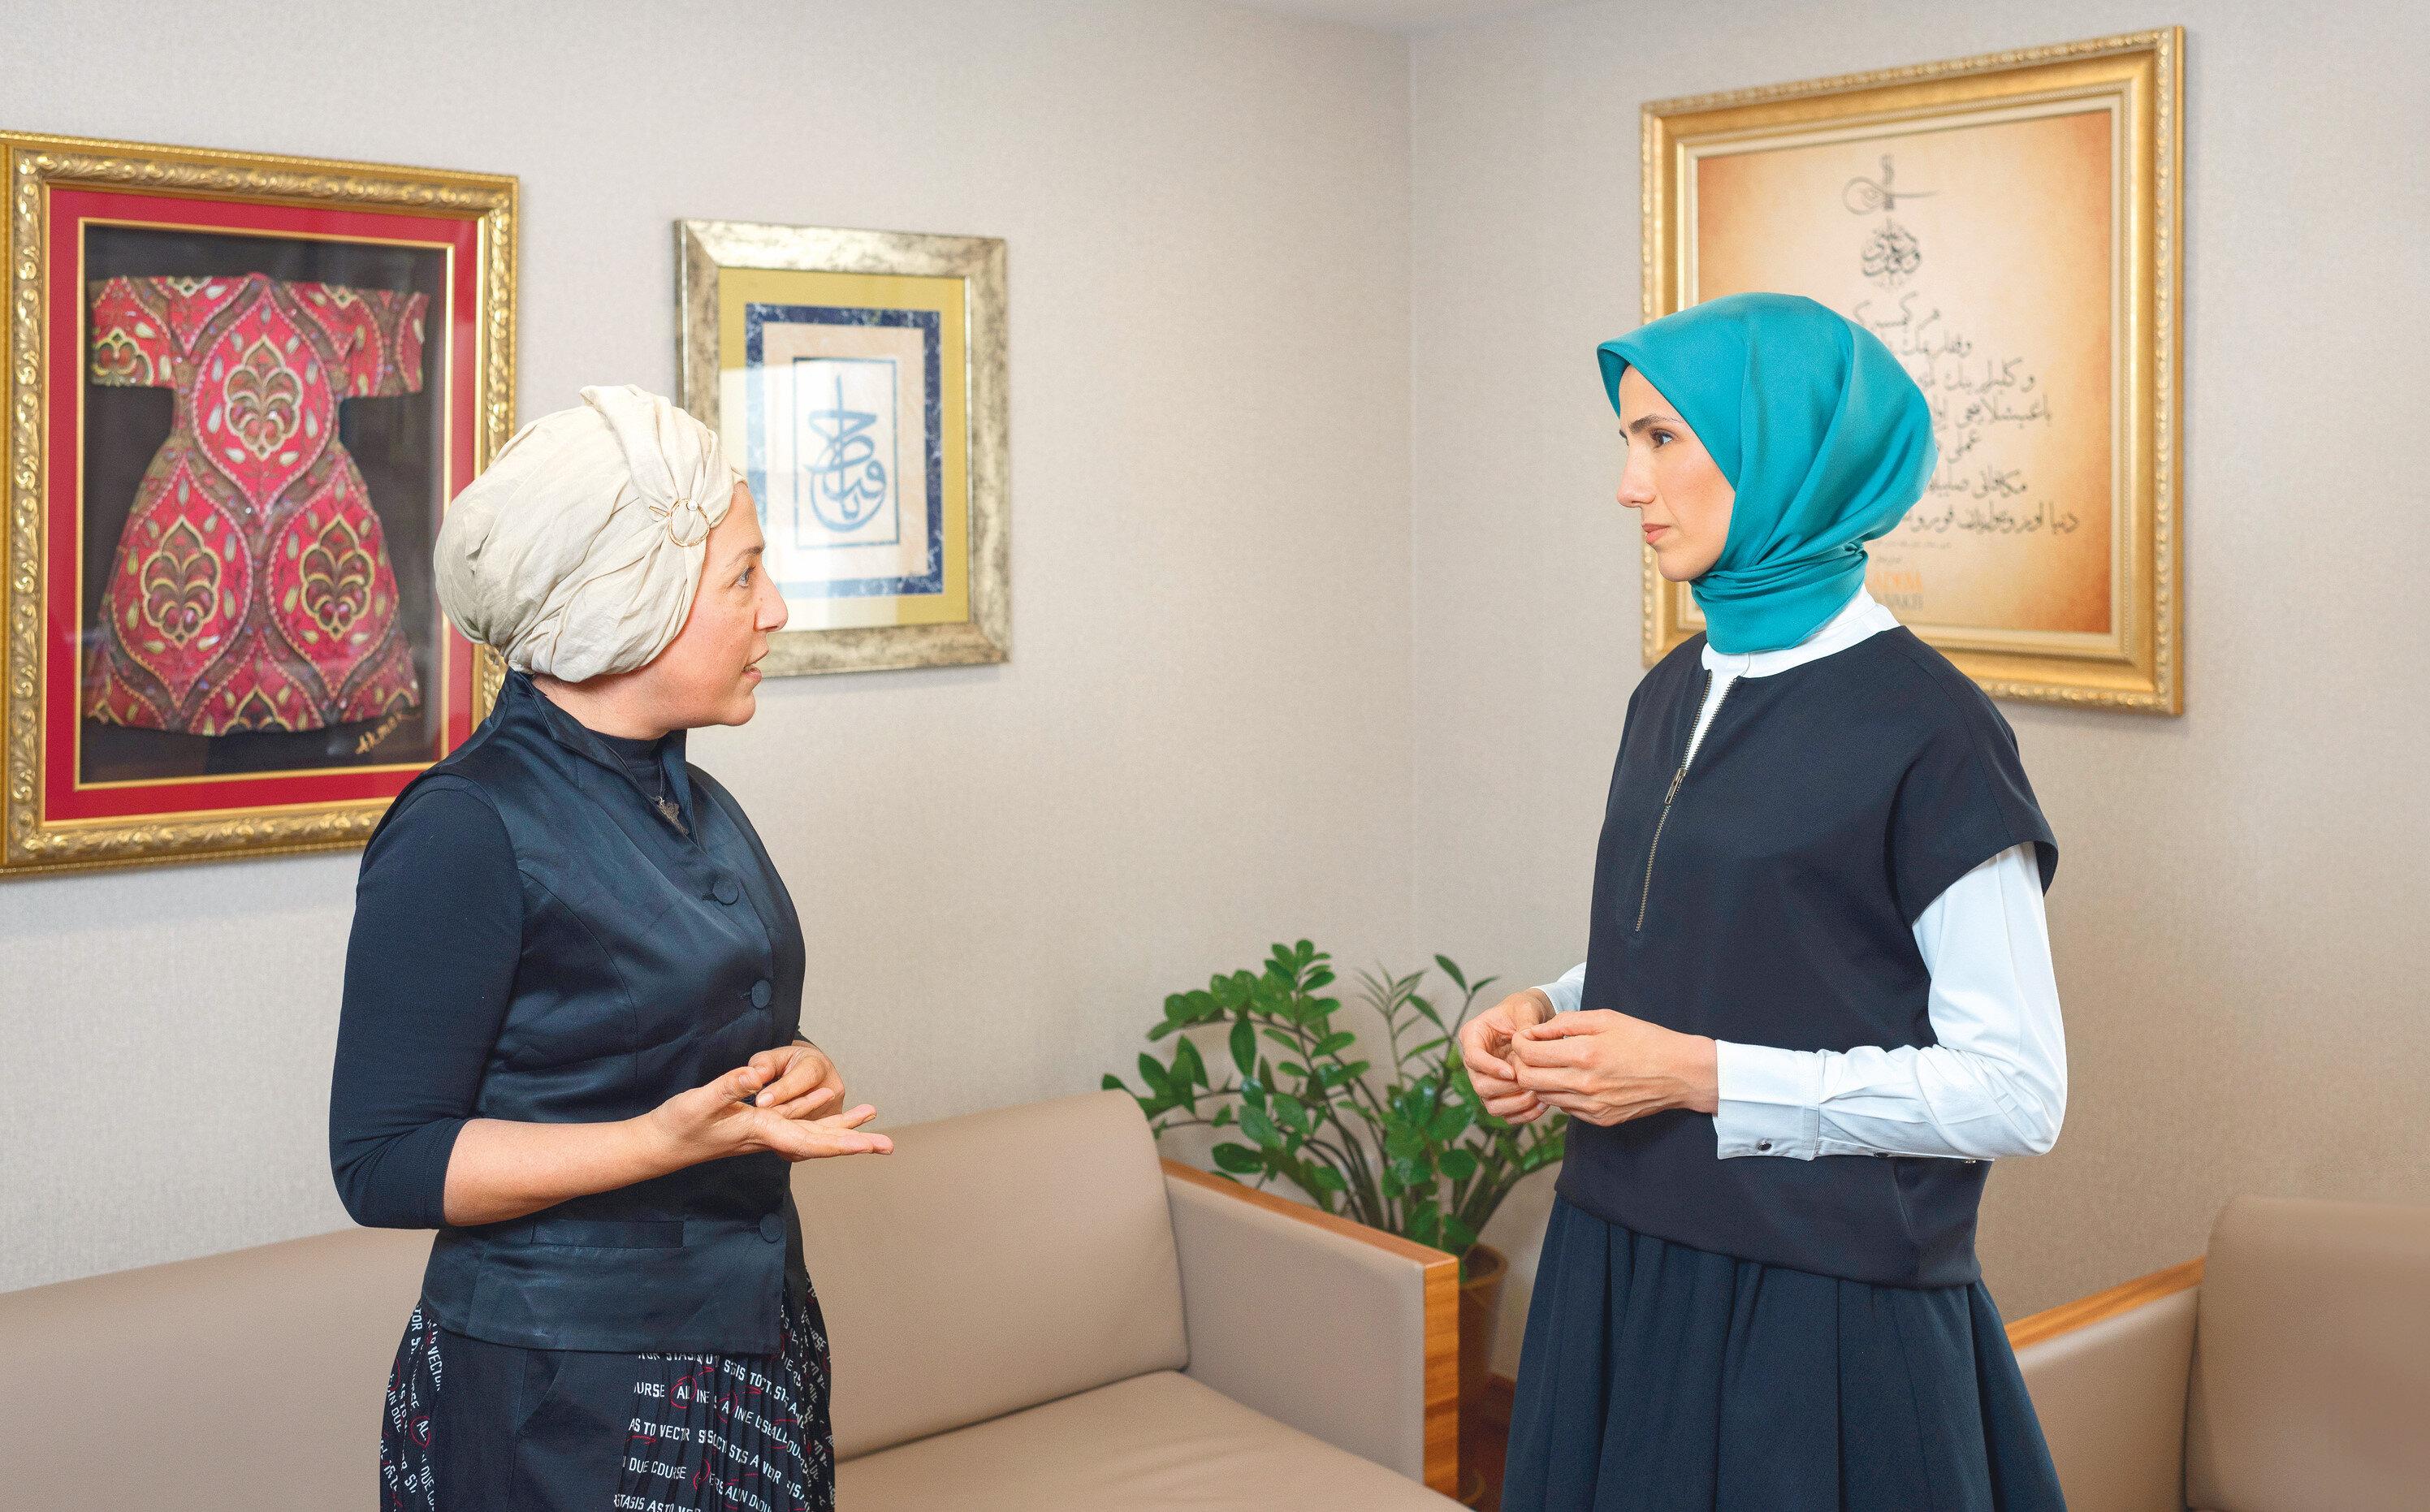 Sümeyye Erdoğan Bayraktar Yeni Şafak'a konuştu.